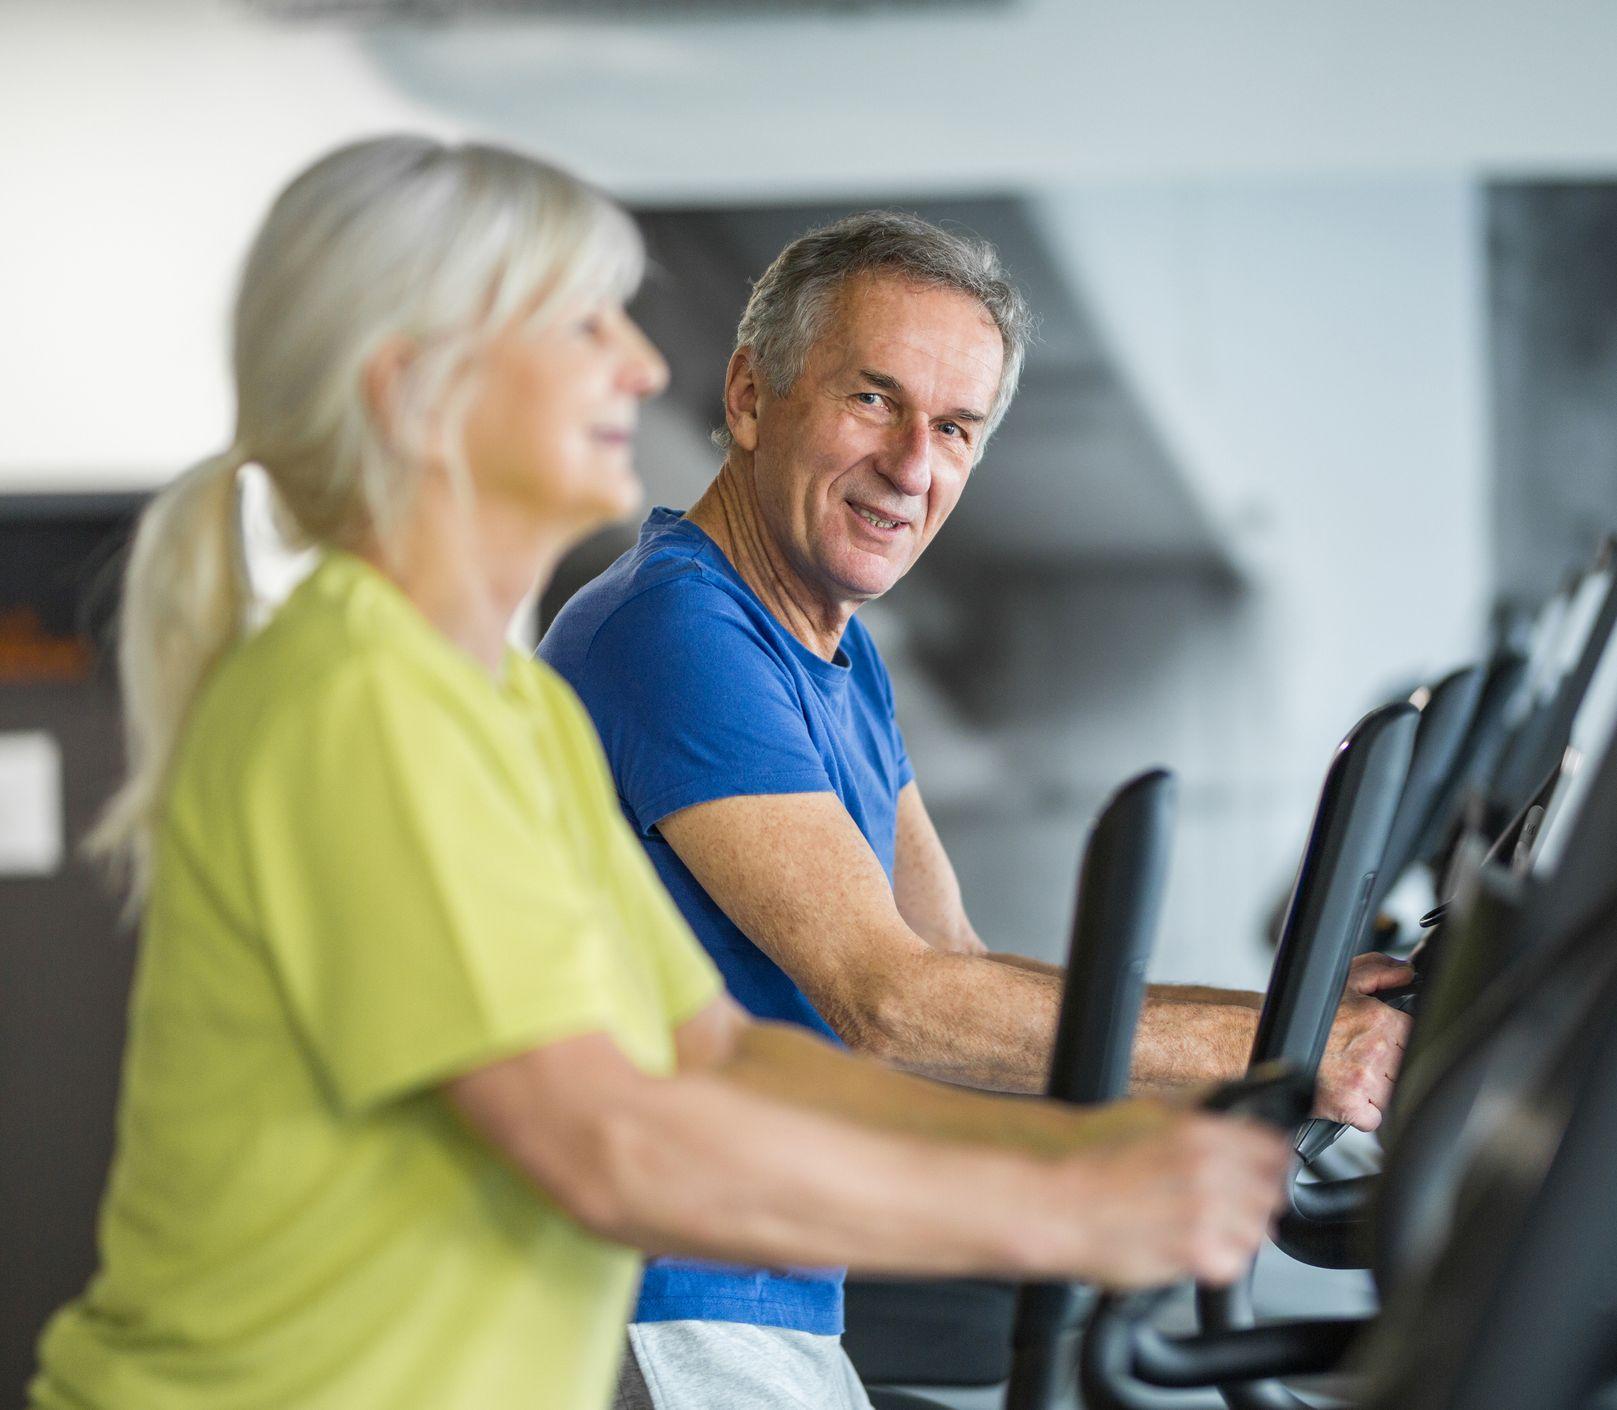 6 dôvodov, prečo sa oplatí cvičiť v každom veku: Skúste to, budete sa mať lepšie